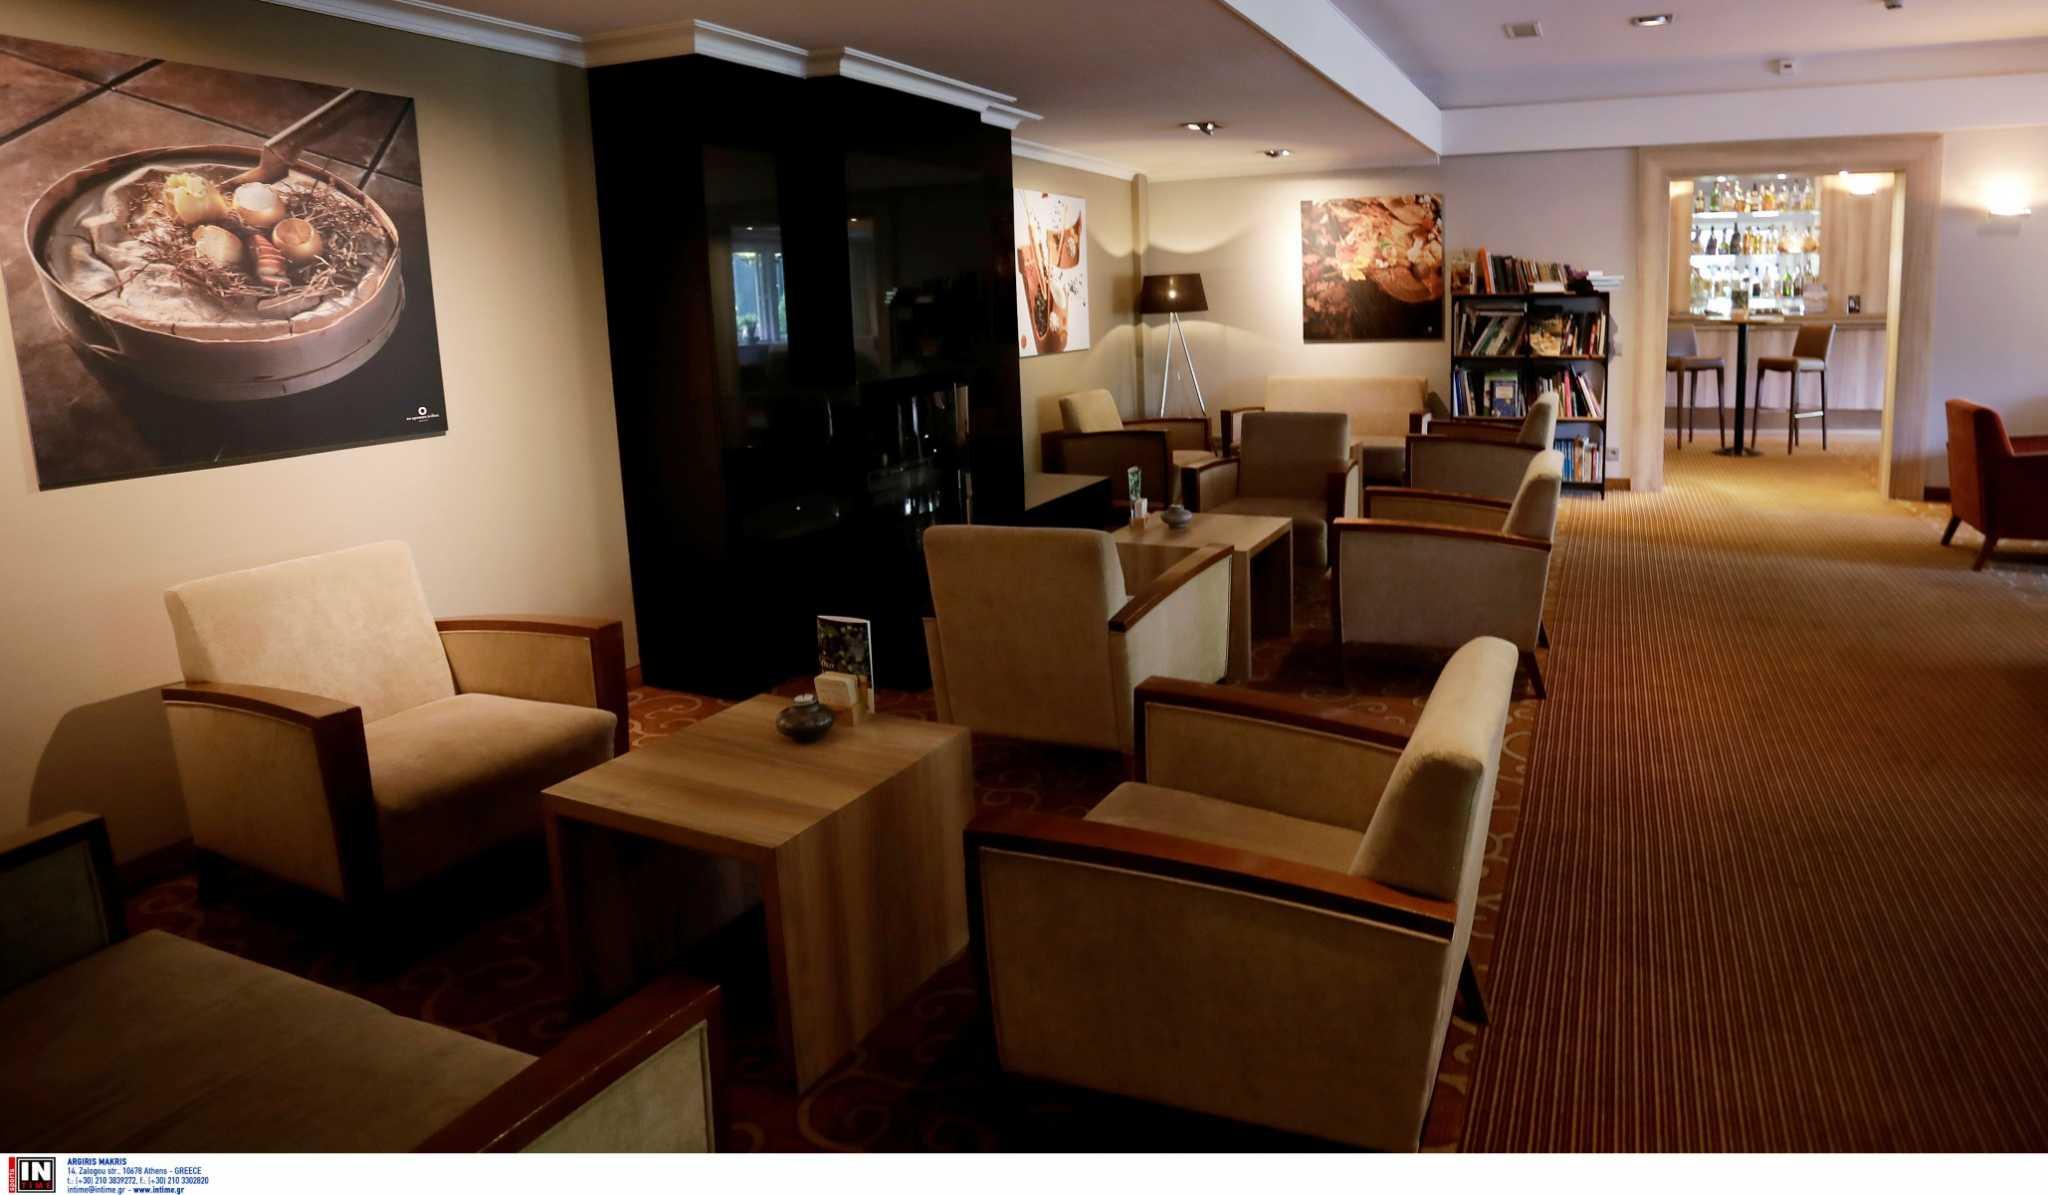 Λασίθι: «Καμπάνα» 1.000 ευρώ και χειροπέδες σε ξενοδόχο για μουσική